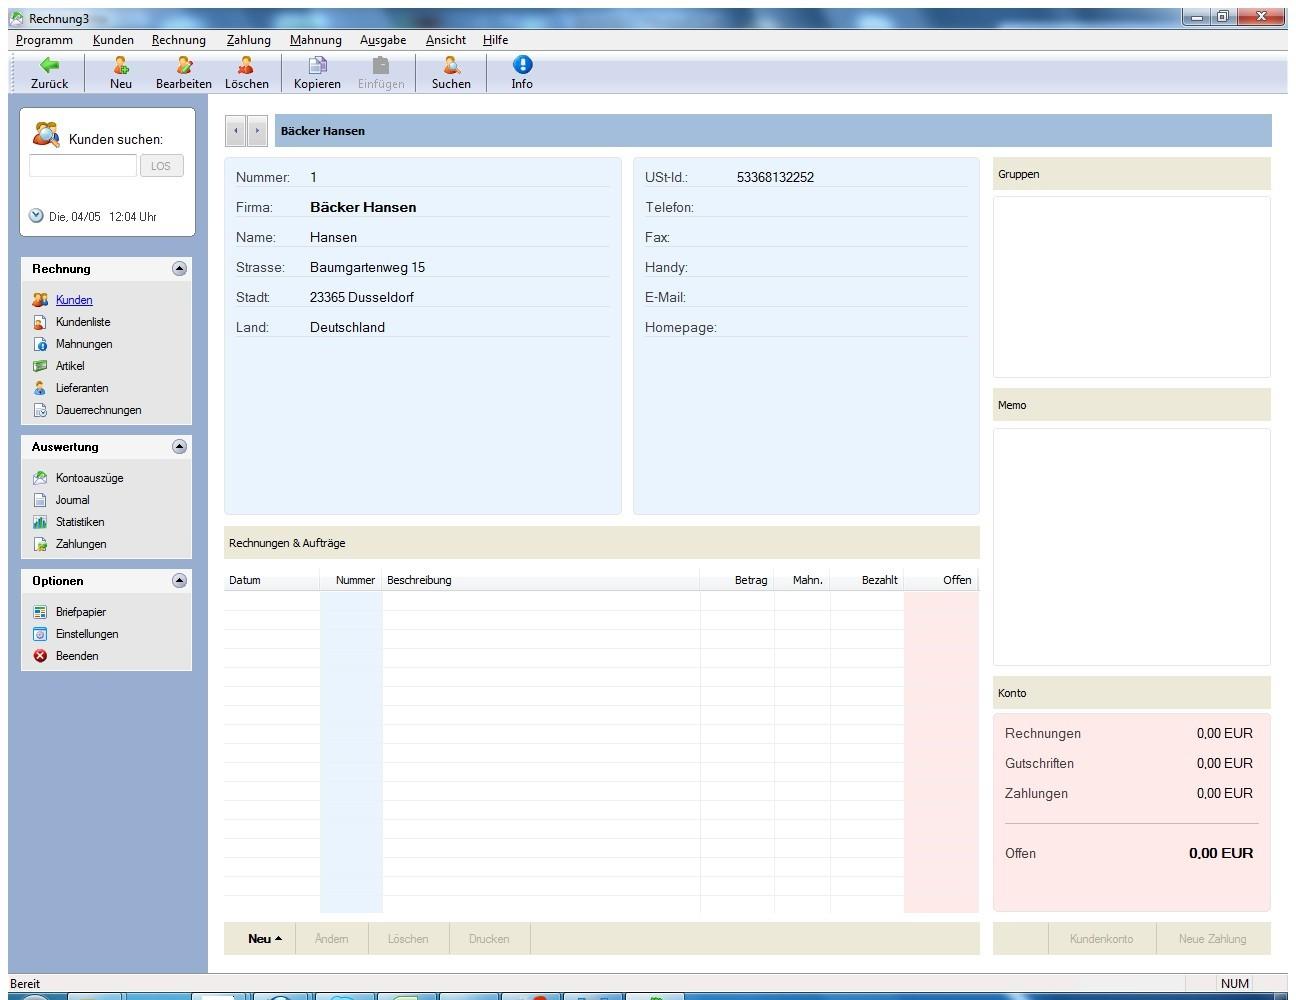 Screenshot 1 - SoftwareNetz Rechnung